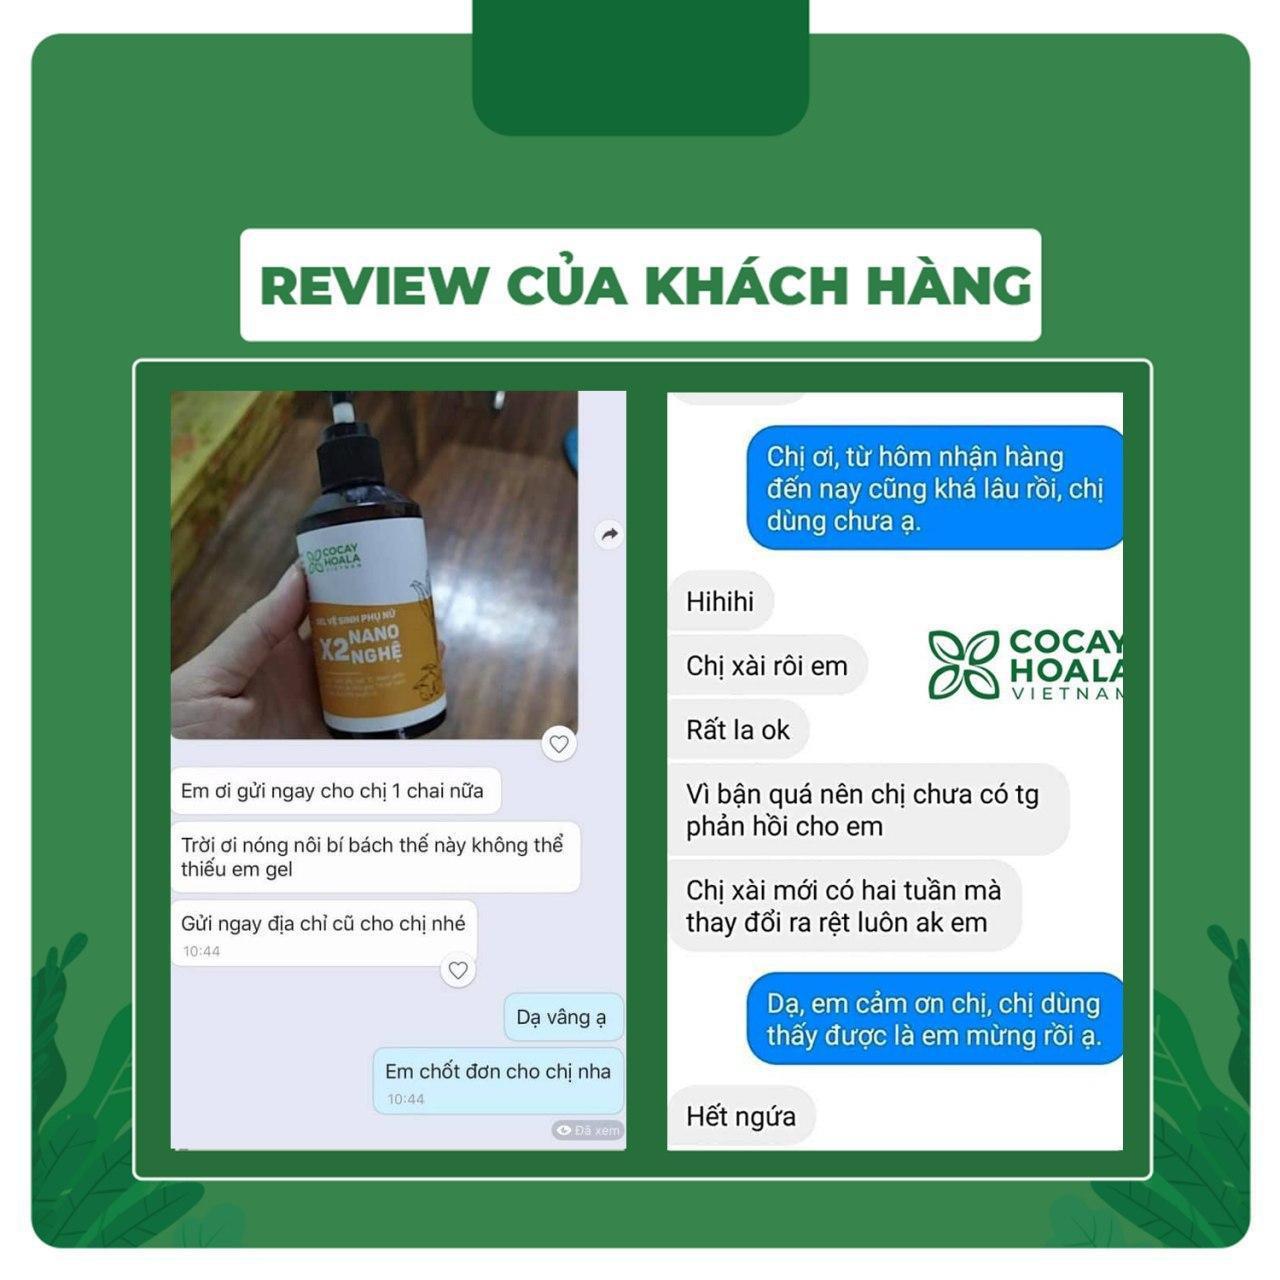 Cỏ Cây Hoa Lá: Gel X2 Nano Nghệ bứt phá ngoạn mục, đứng top 1 dung dịch vệ sinh bán chạy nhất tháng trên Tiki - Ảnh 4.